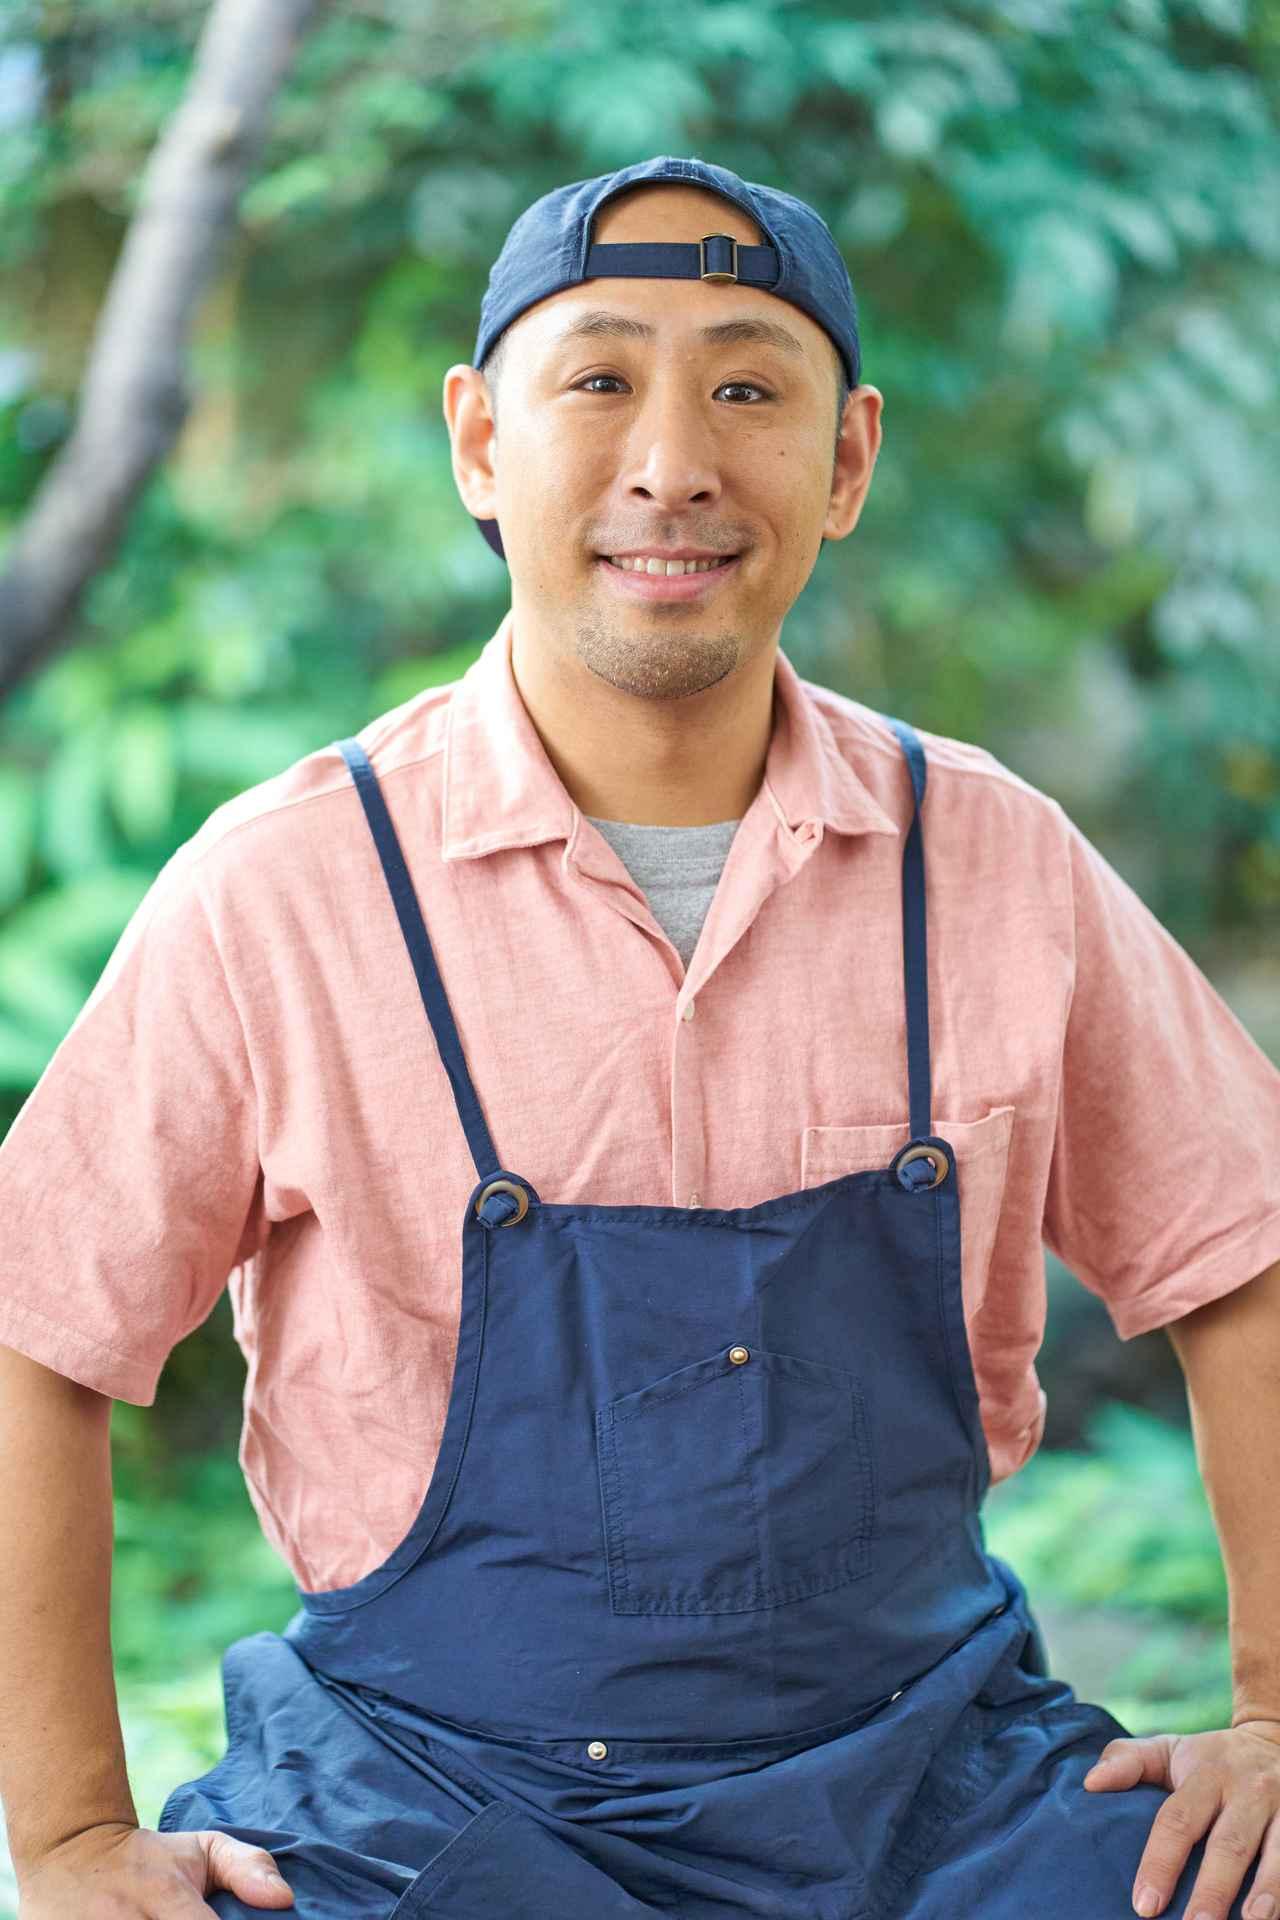 画像: 料理研究家 きじま りゅうた 1981年東京生まれ。祖母は料理研究家の村上昭子さん、母は同じく料理研究家の杵島直美さん。幼少期から自然と料理に親しむ。大学卒業後、アパレルメーカー勤務を経て母・杵島直美さんに師事、料理研究家に。誰でも挑戦しやすい身近な食材や調味料を使ったレシピが人気。